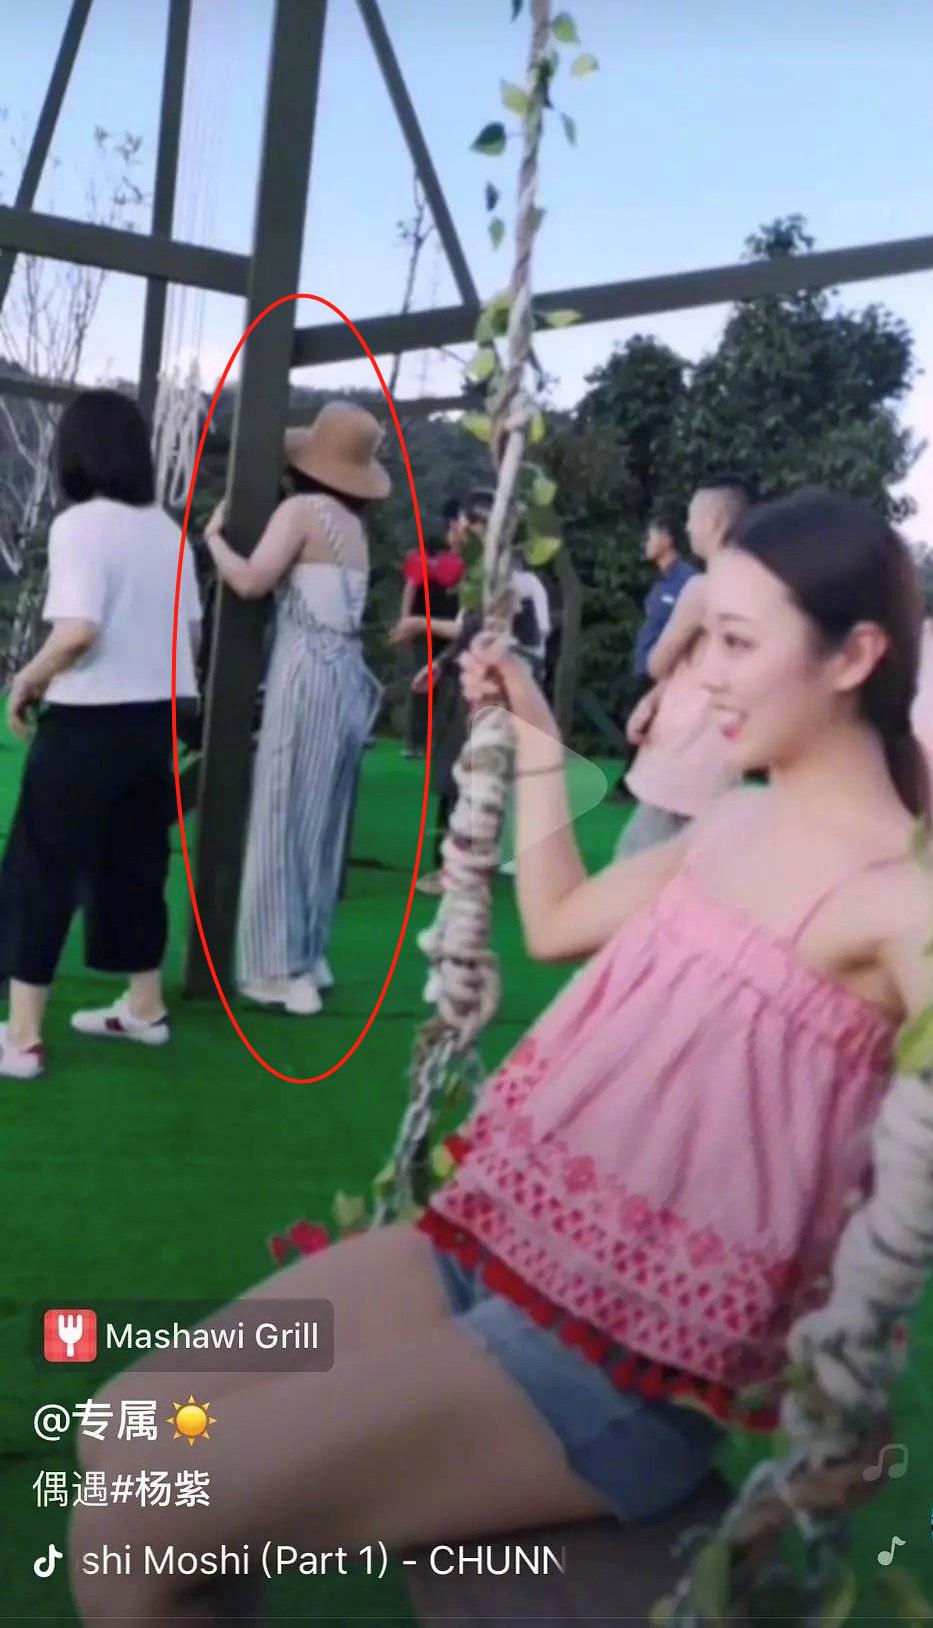 杨紫真人被指虎背熊腰与照片严重不符 网友这么严格?